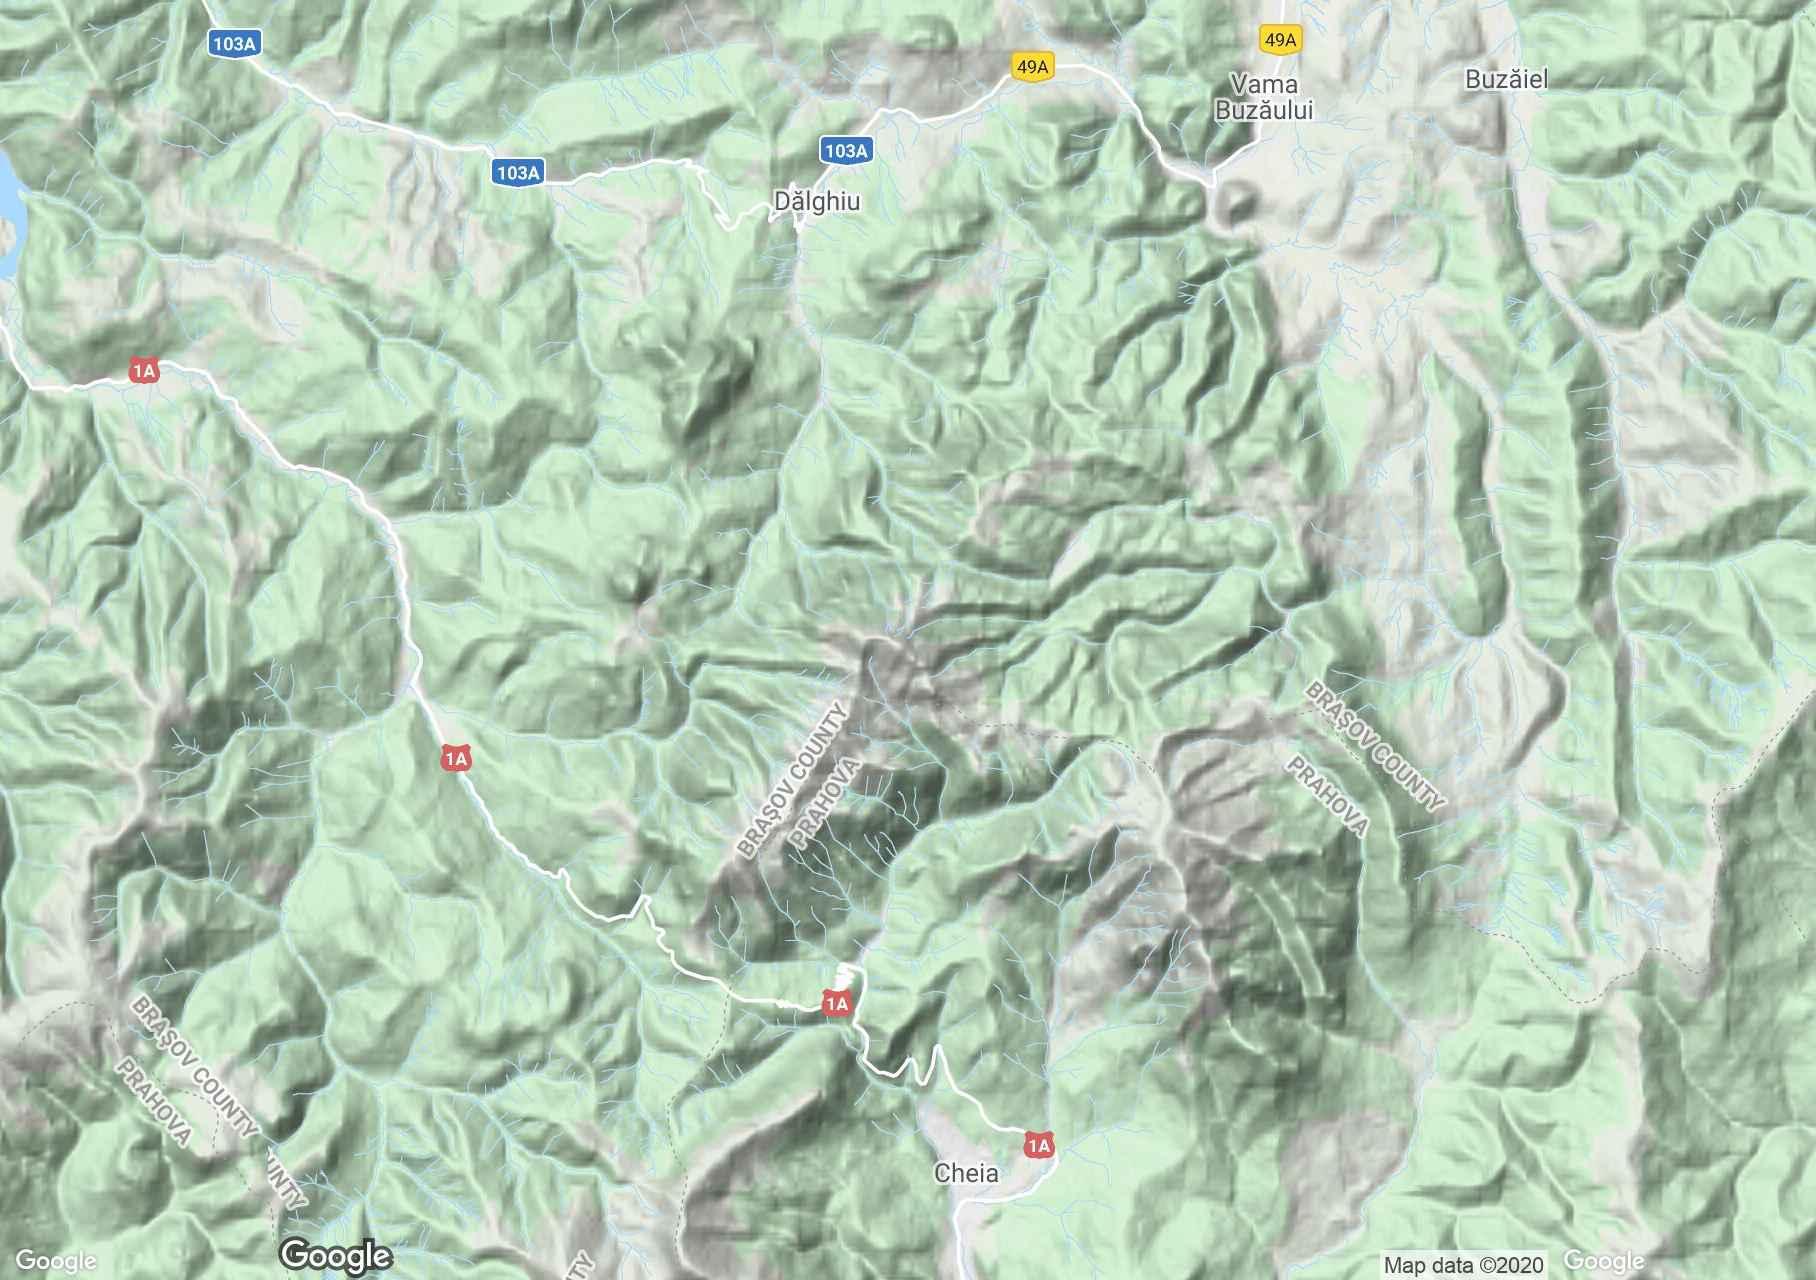 Munţii Ciucaş, Harta turistică interactivă